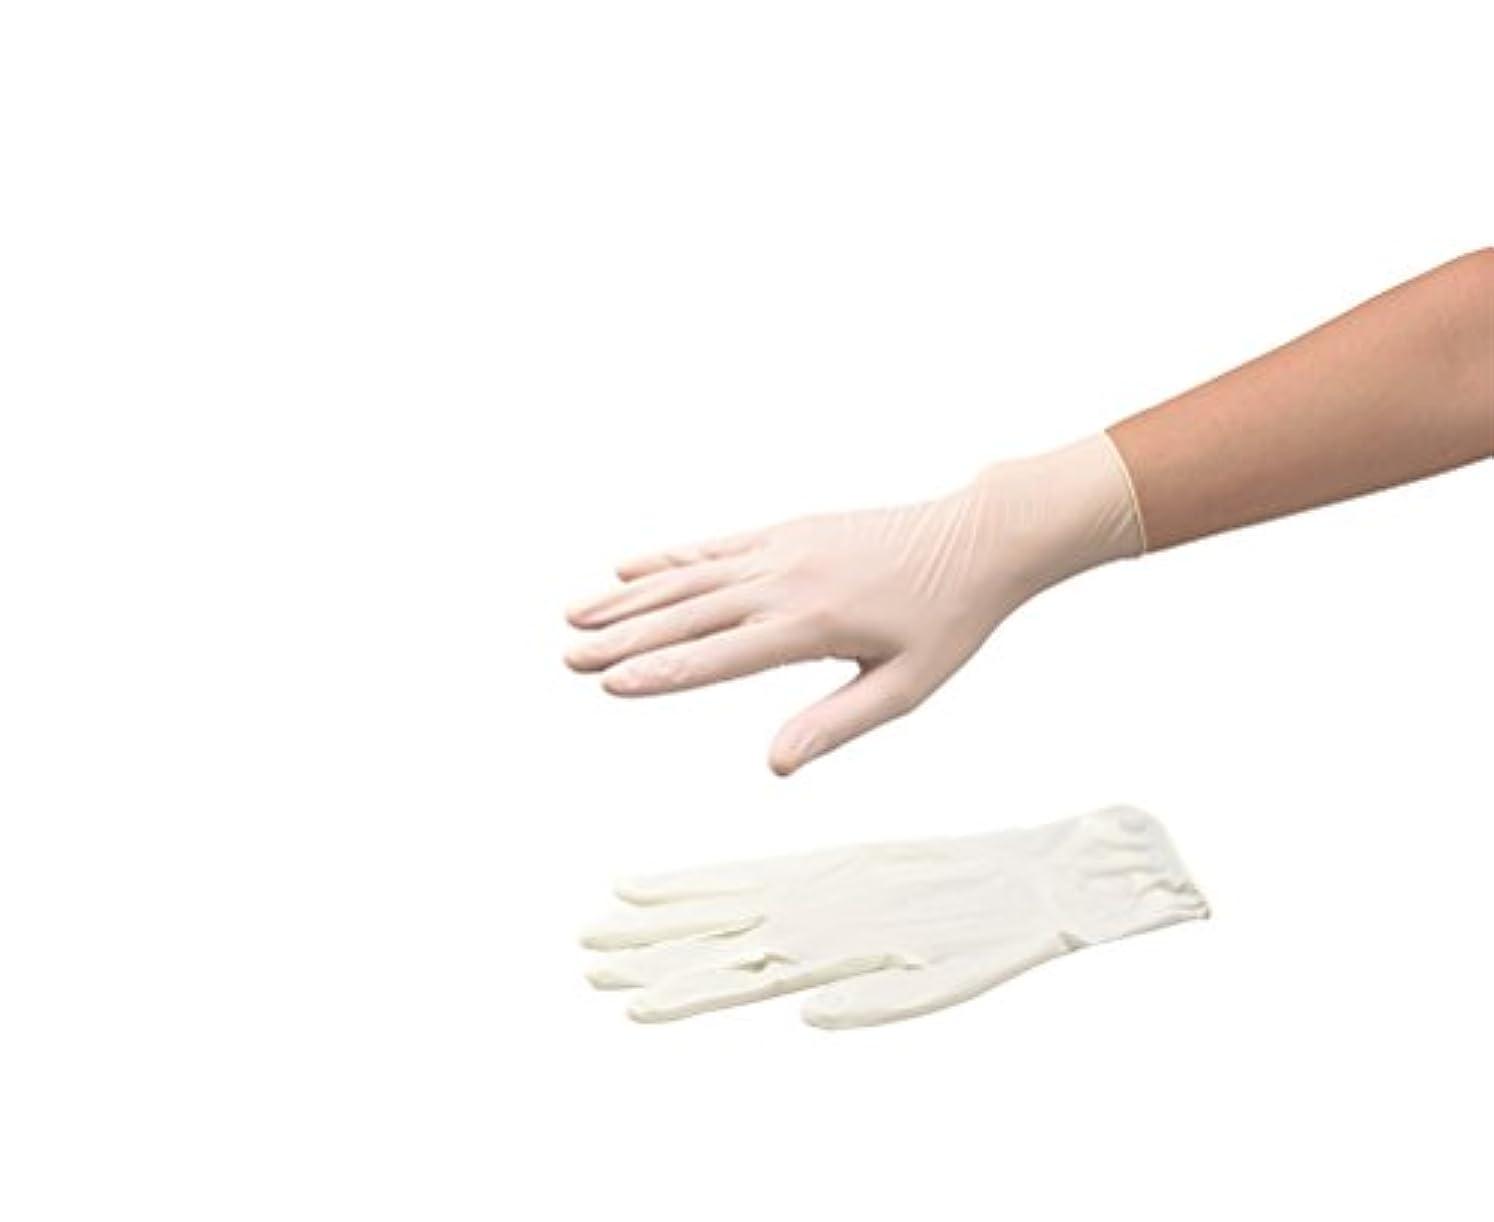 真空助言するアルバムナビロール手袋(指先エンボス?エコノミータイプ?パウダー付) SS 1箱(100枚入) /8-9970-04